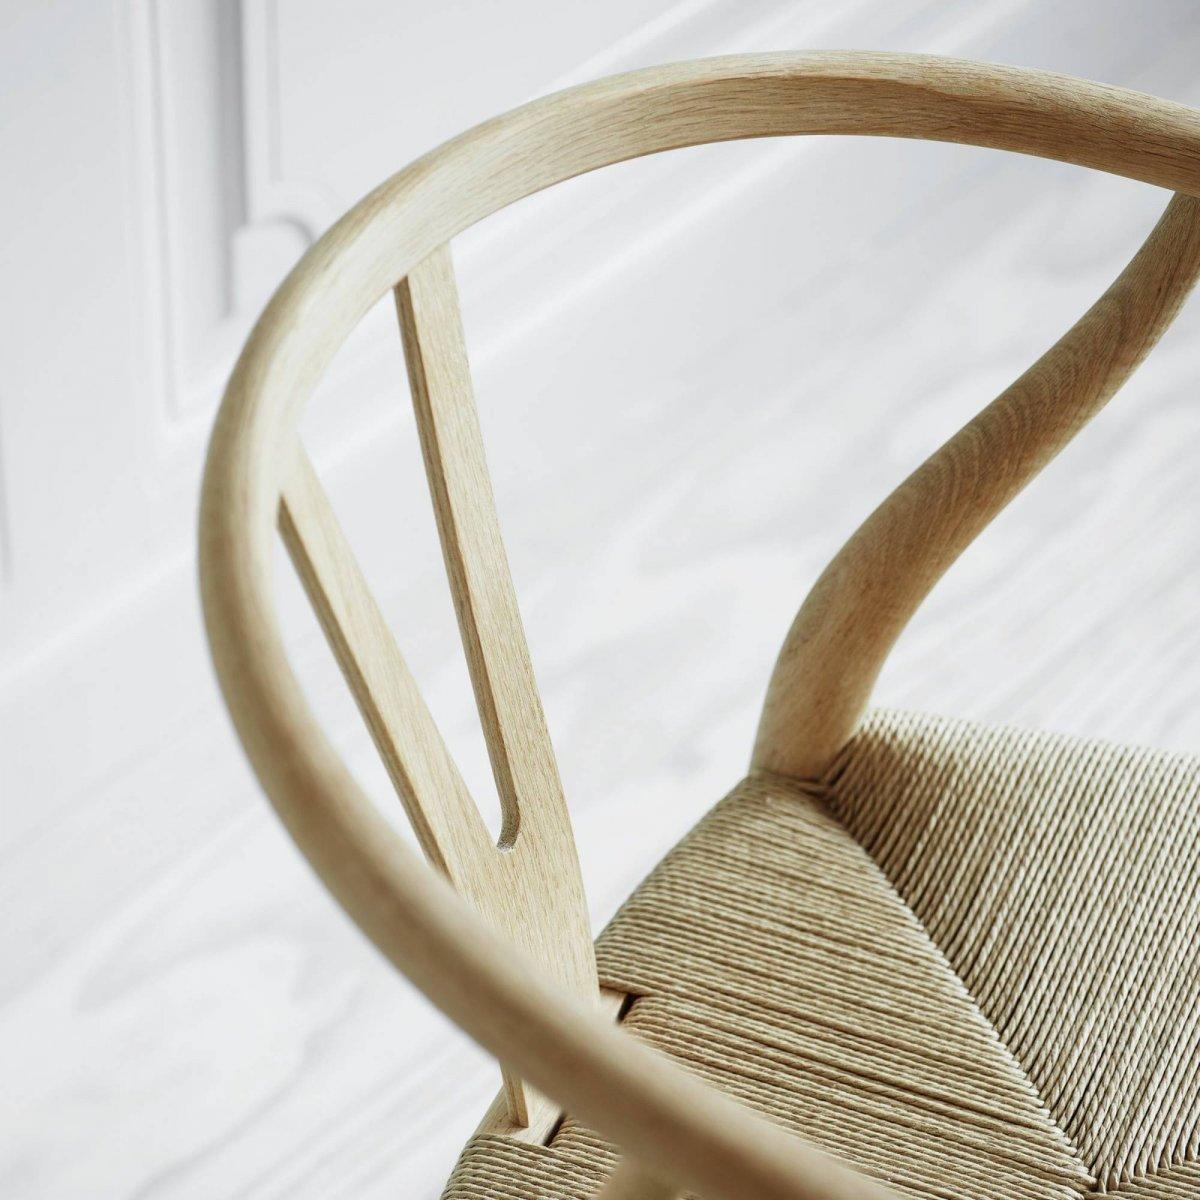 CH24 Wishbone Chair, detail.